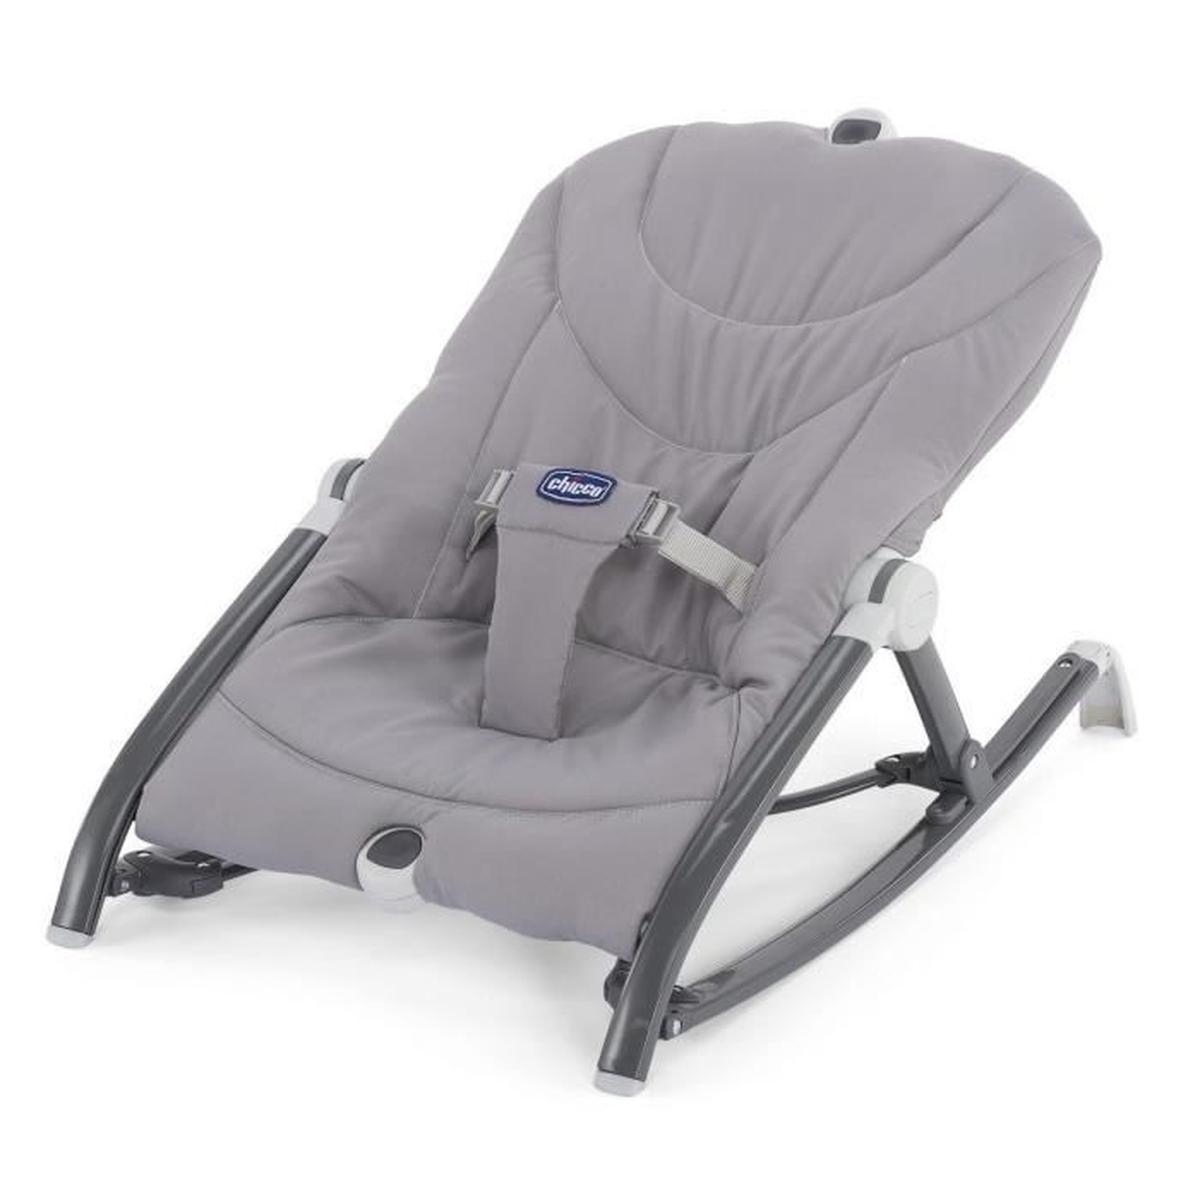 transat pliable bébé